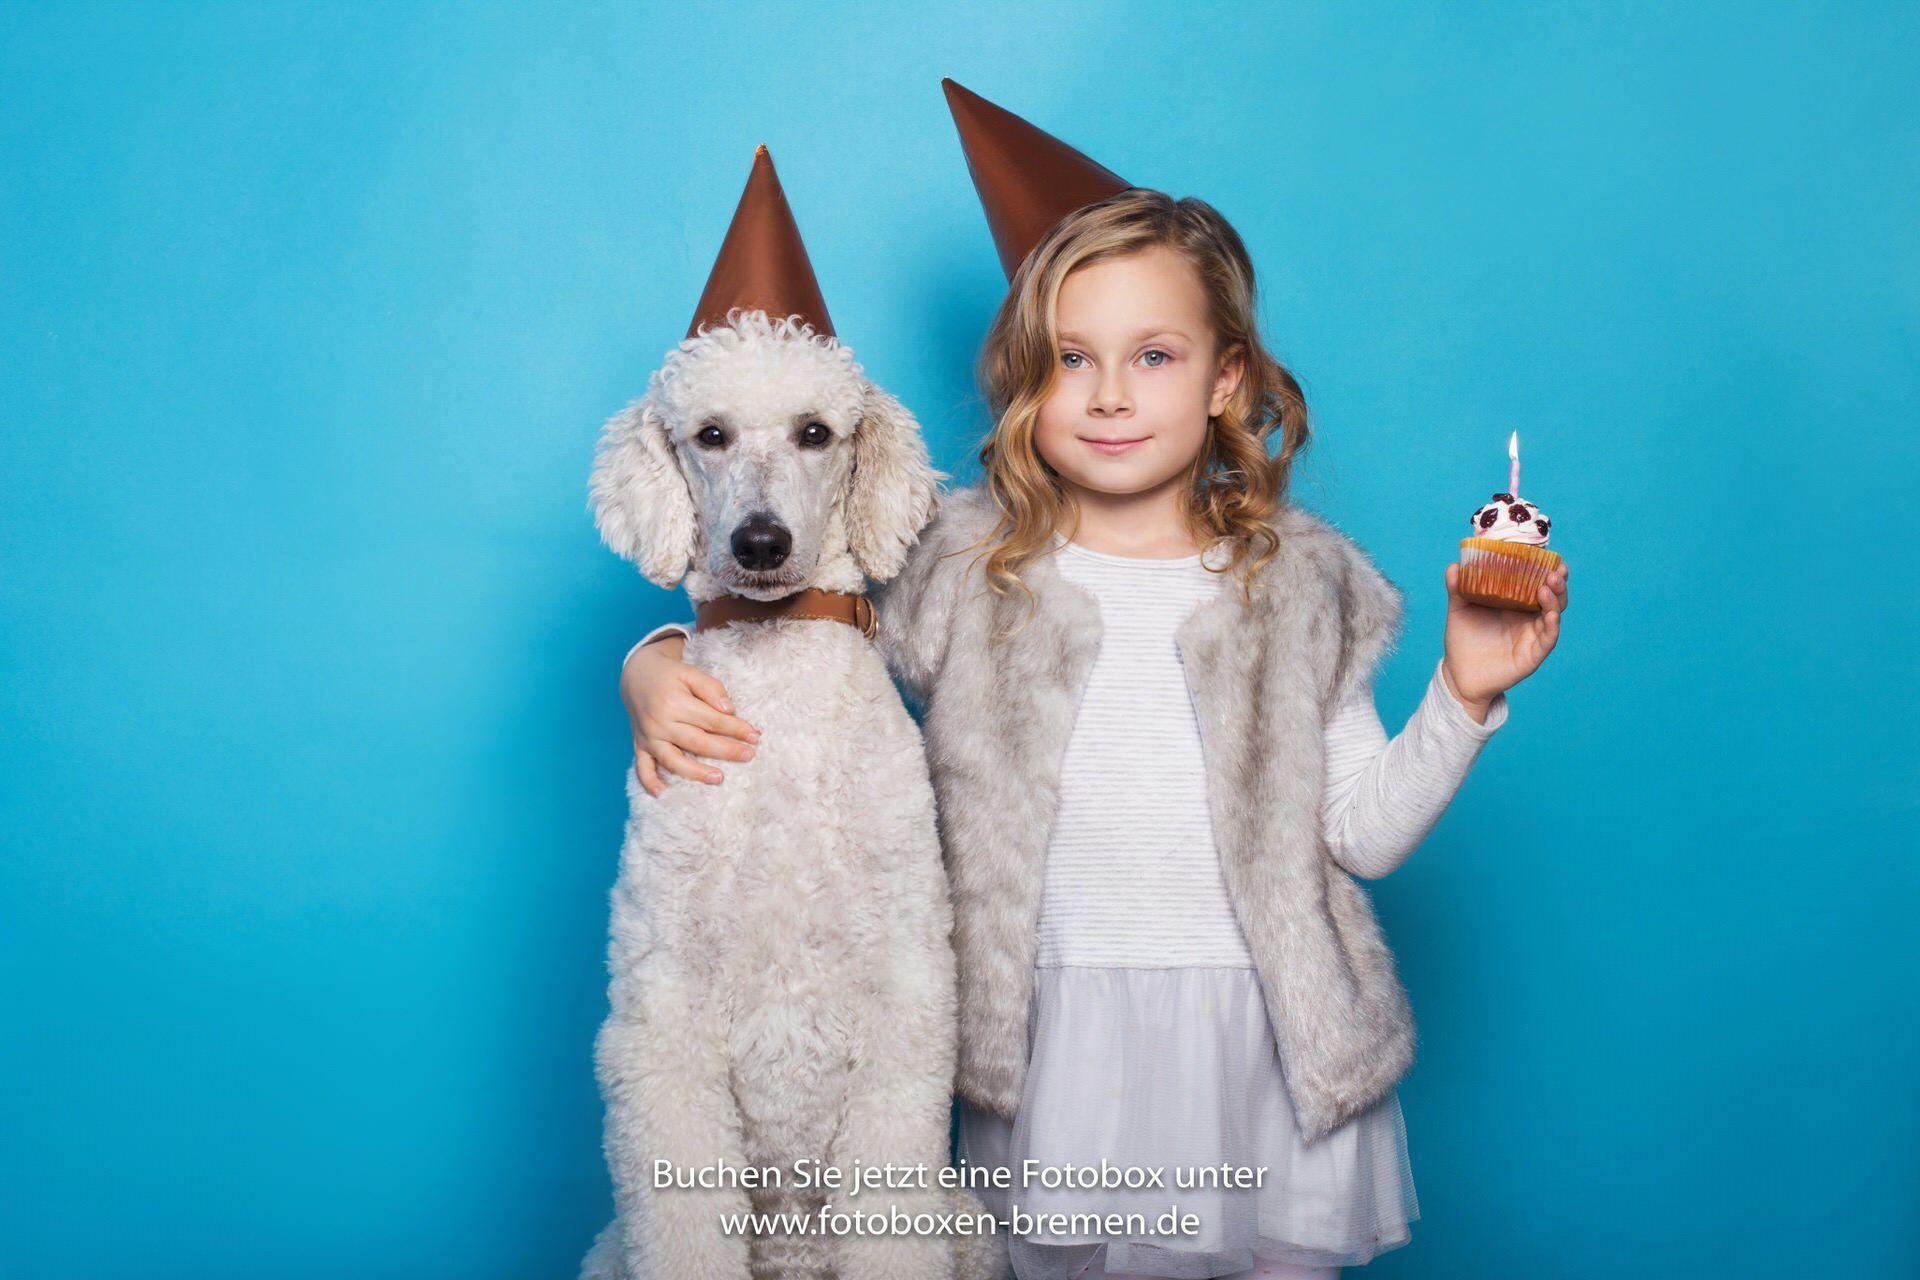 Kind mit Hund vor einer Fotobox